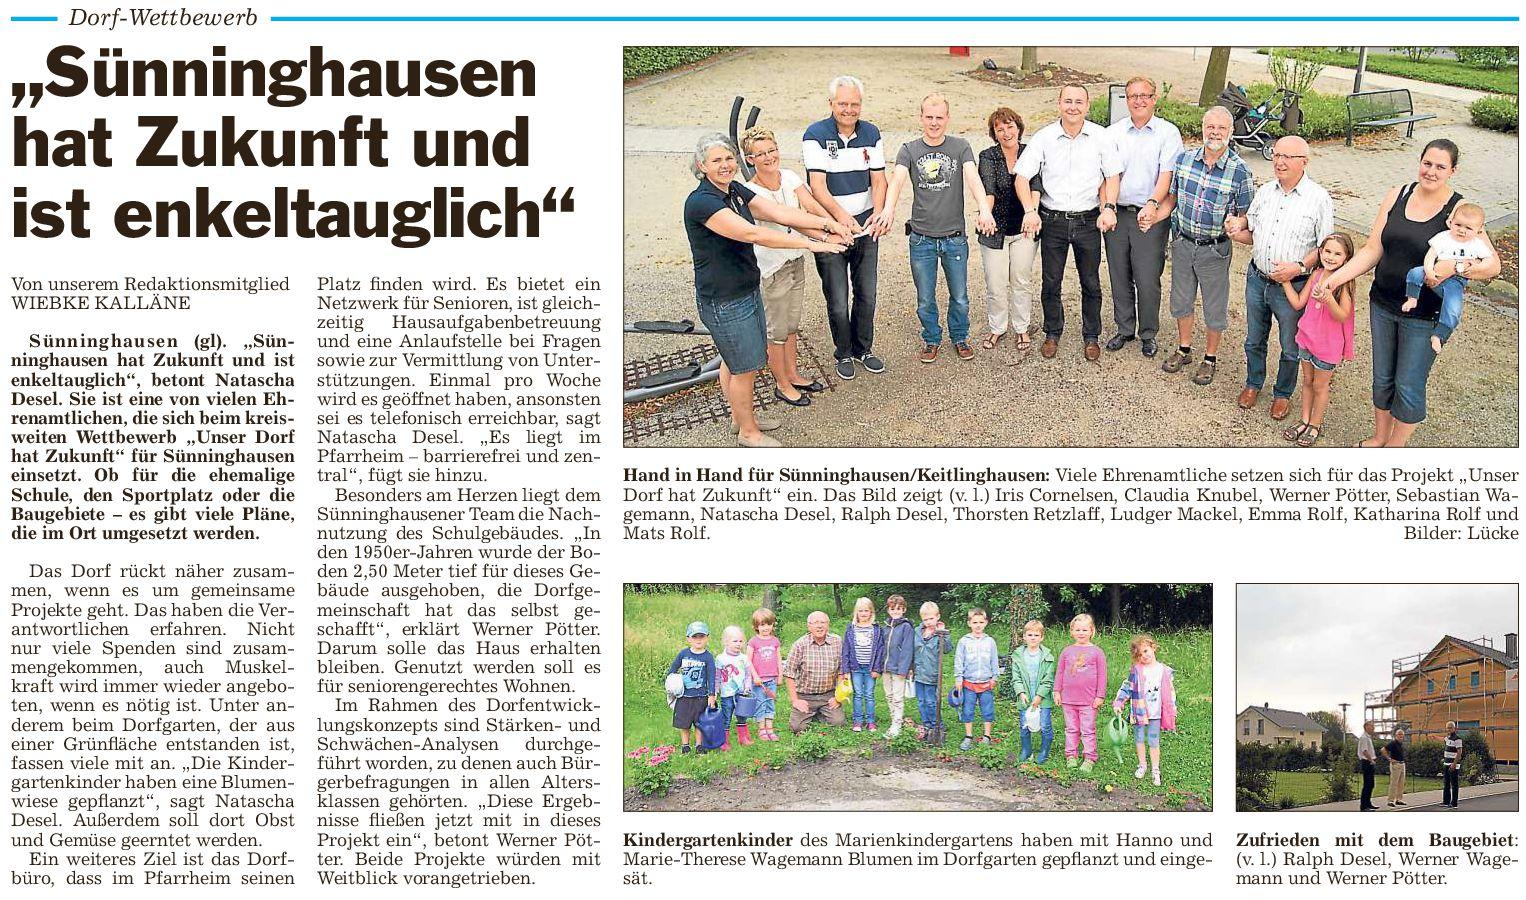 Sünninghausen hat Zukunft